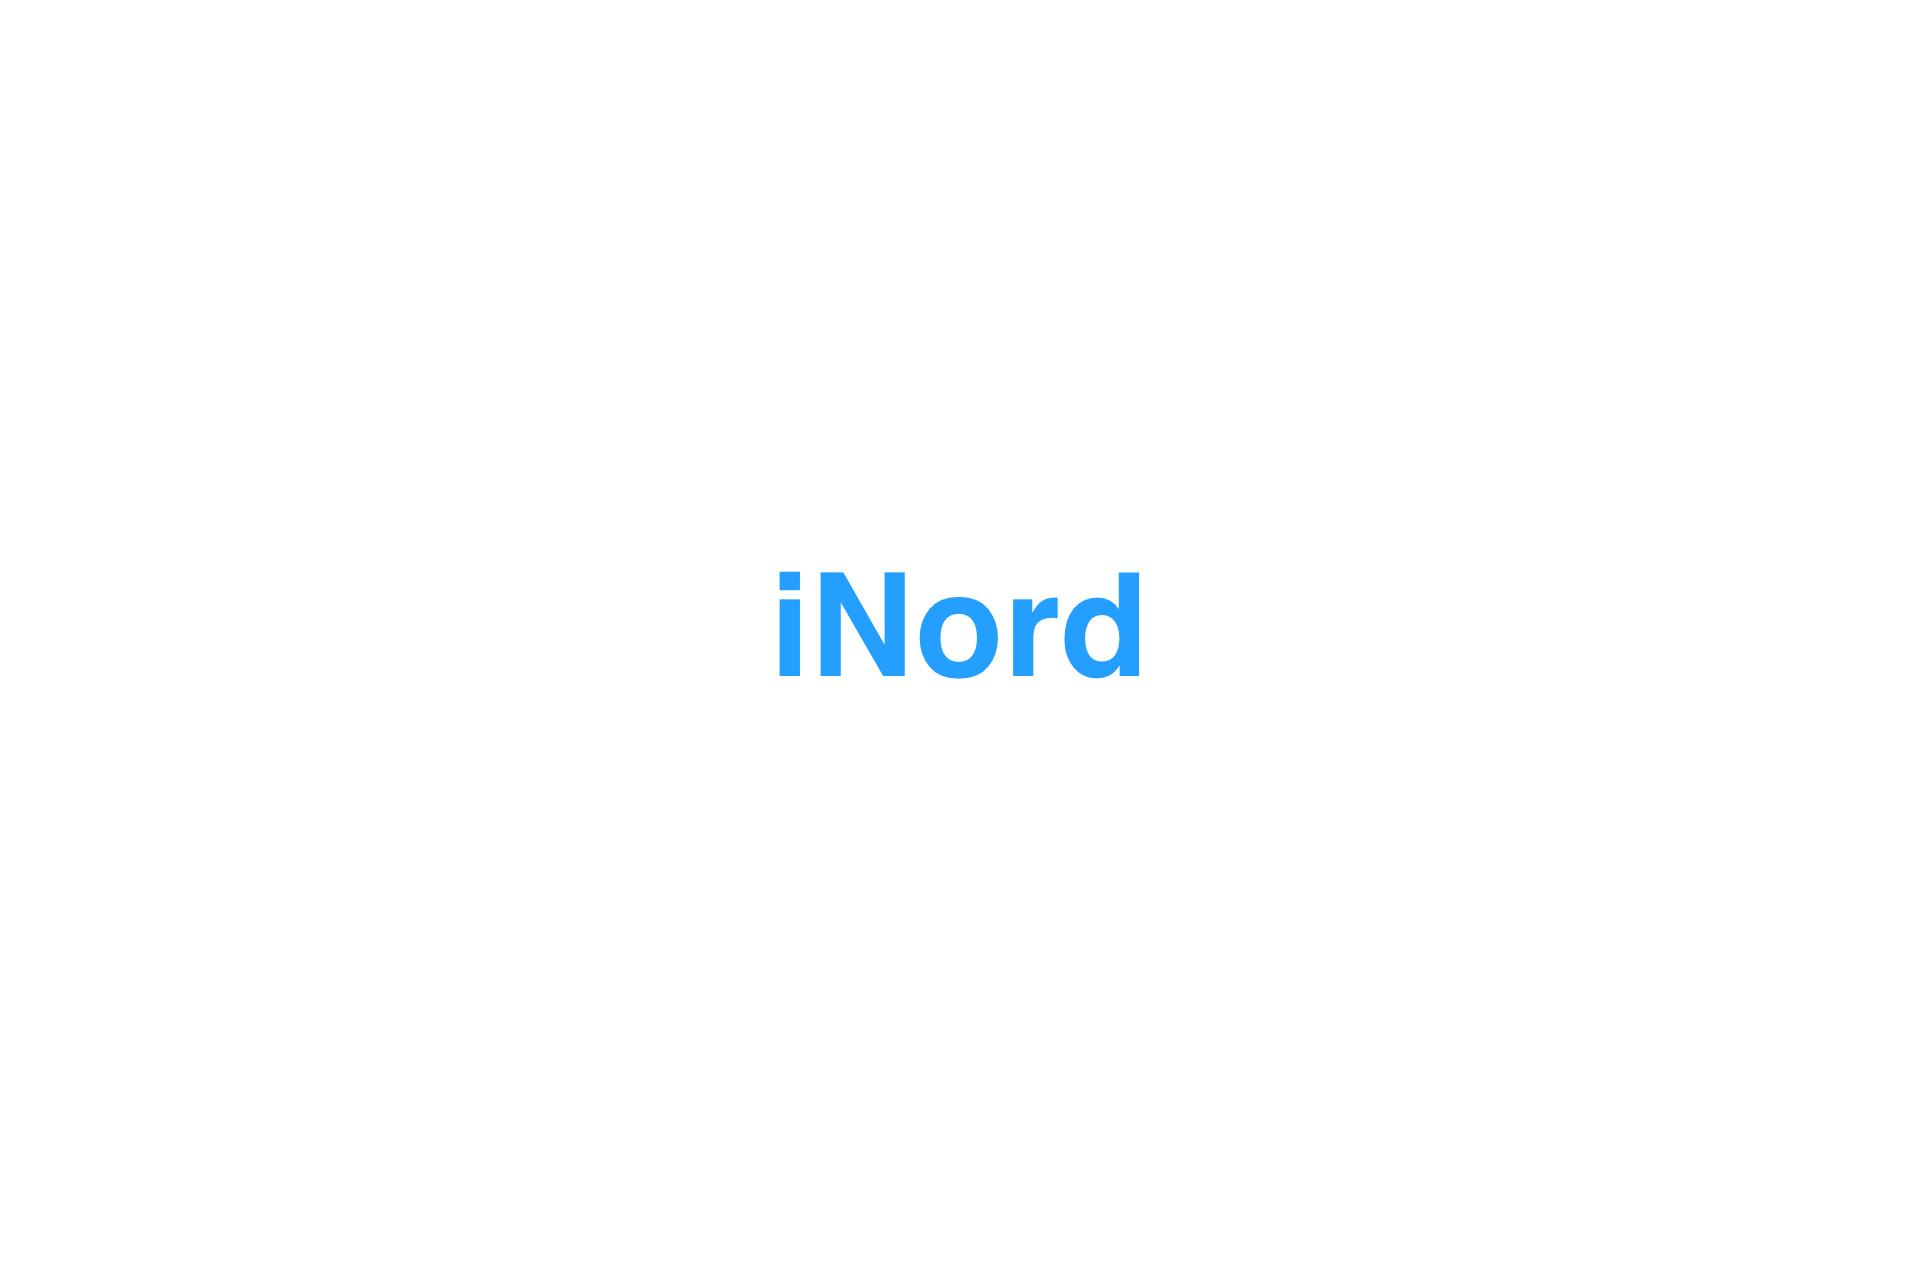 iNord